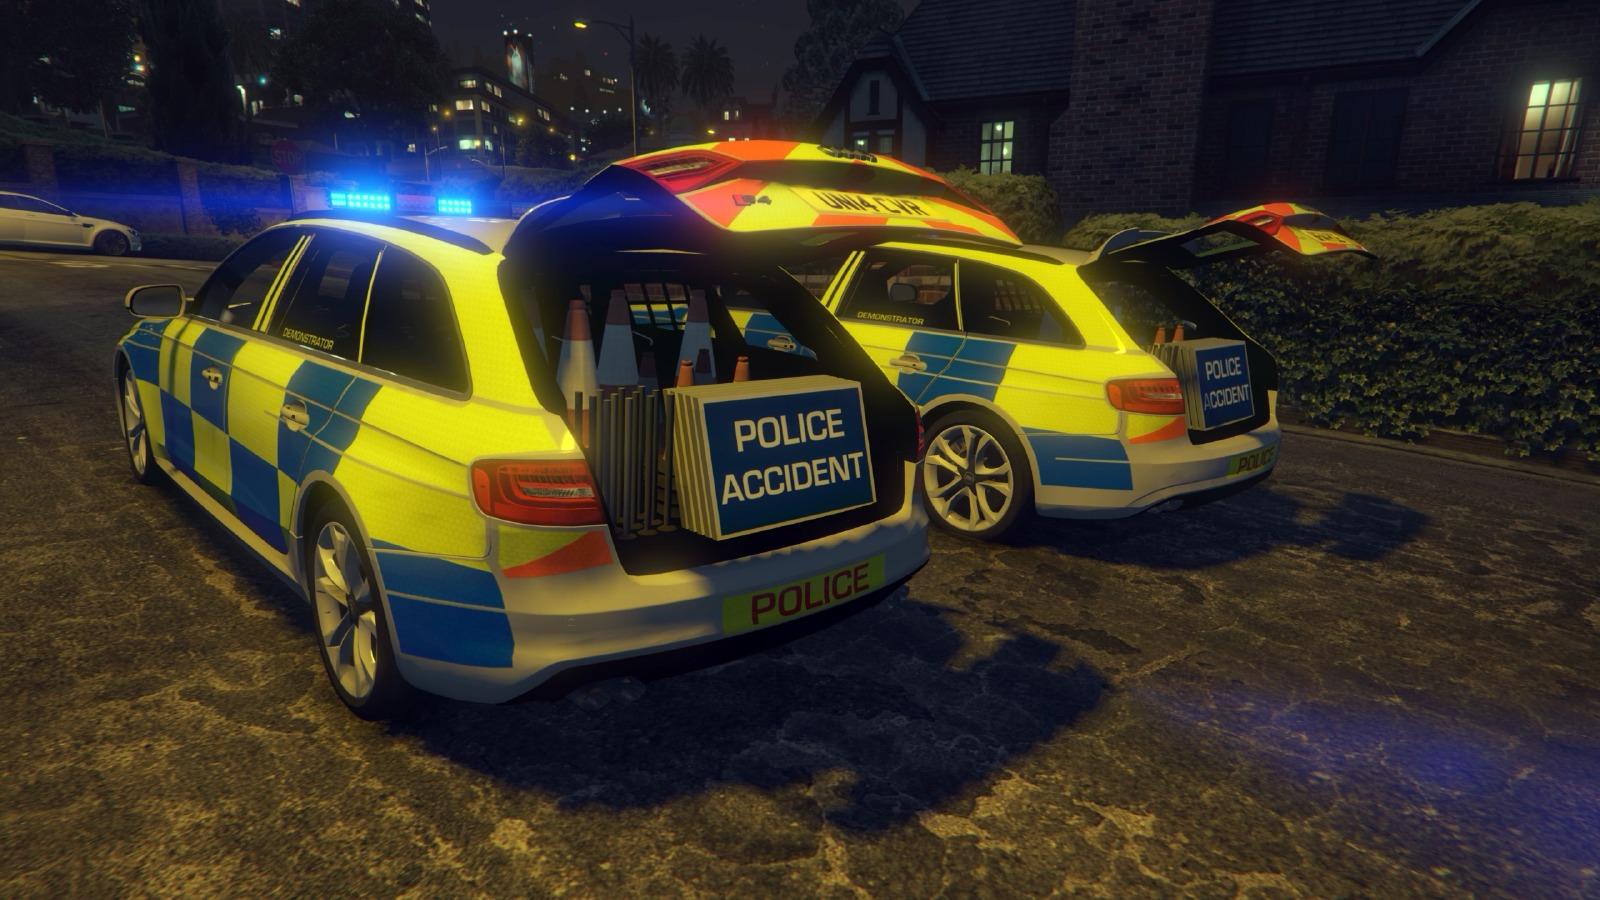 Audi A4 S4 Avant British Police Vehicules Pour Gta V Sur Gta Modding